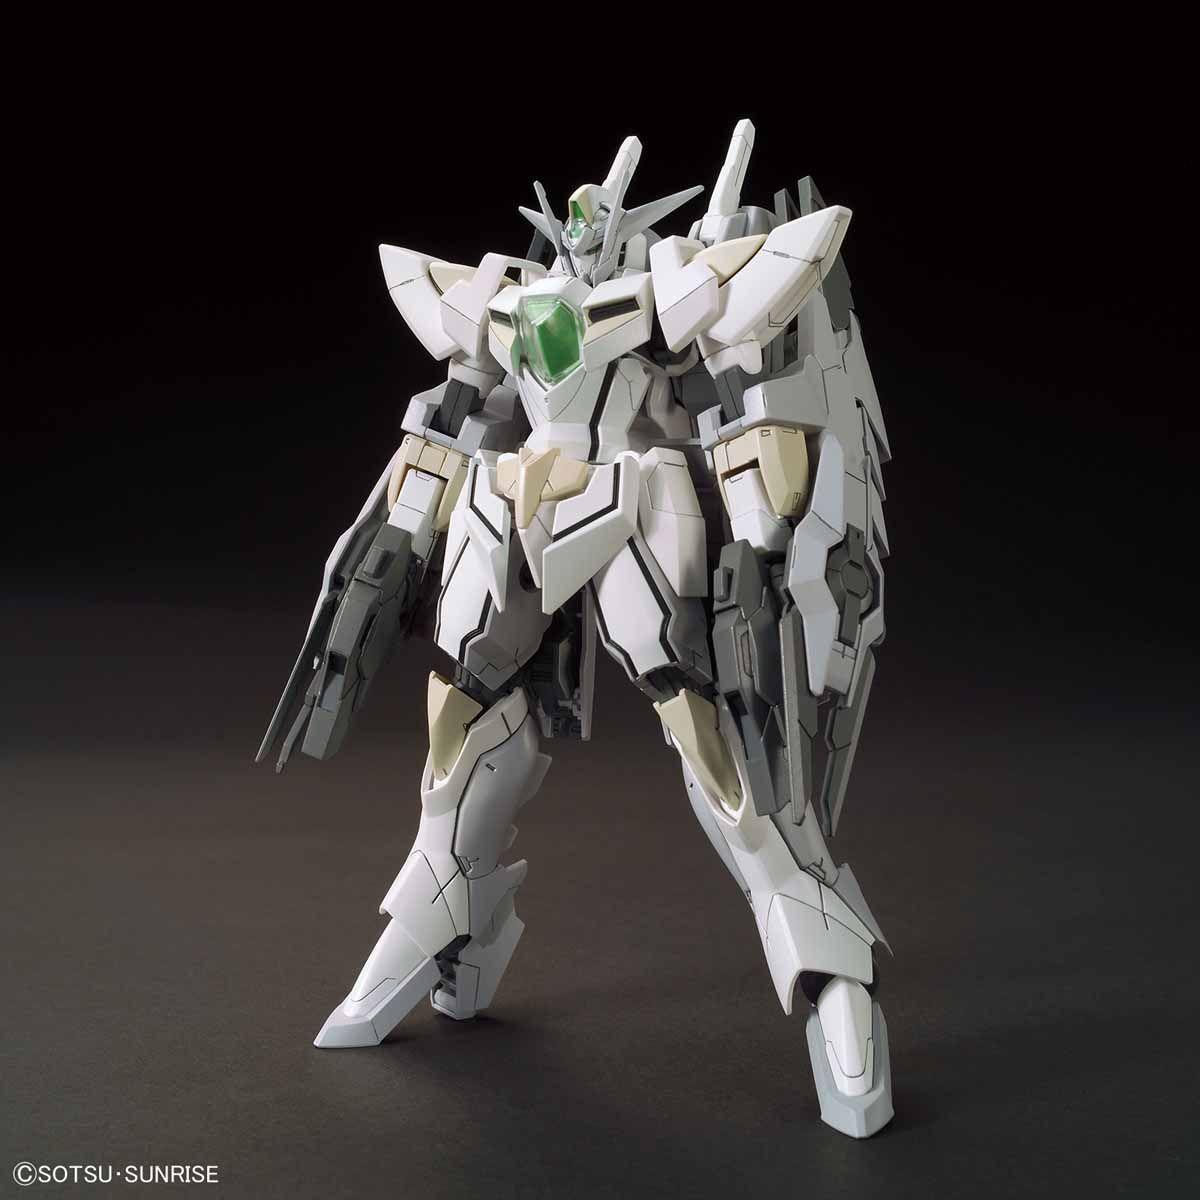 54813HGBF 1/144 CB-9696G/C/T リバーシブルガンダム [Reversible Gundam]